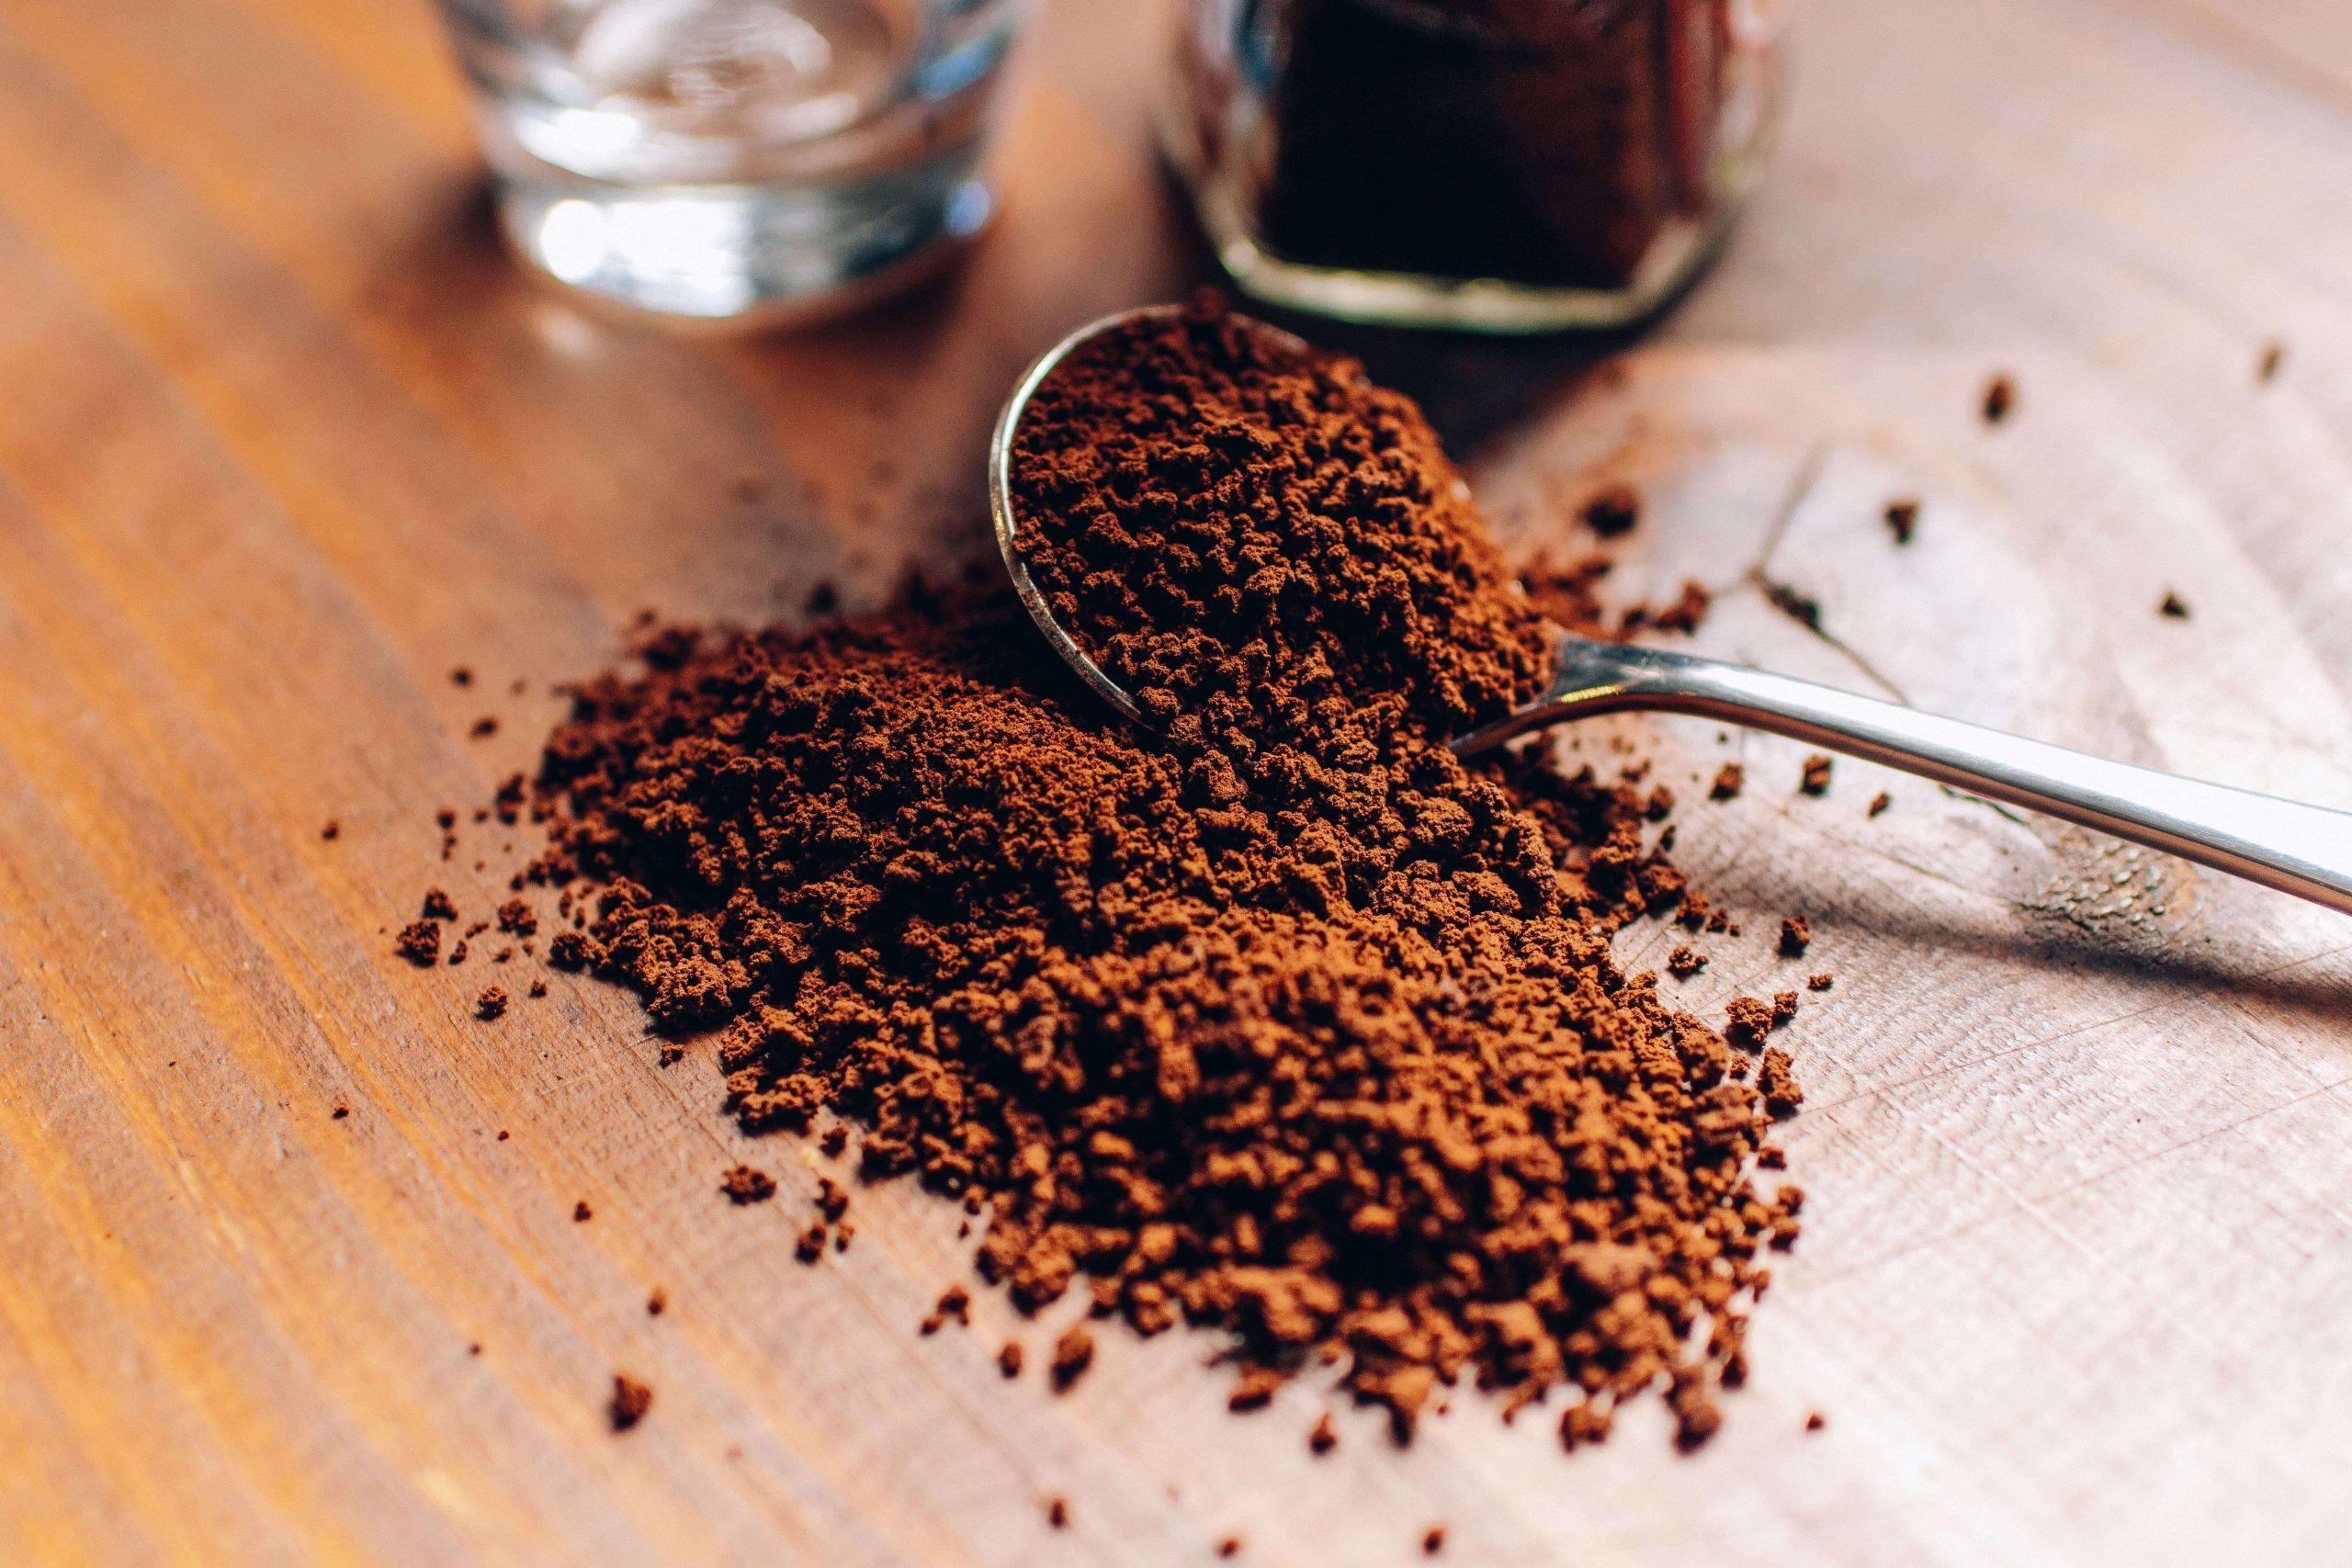 Pó de café na colher parar preparar um café coado em casa.